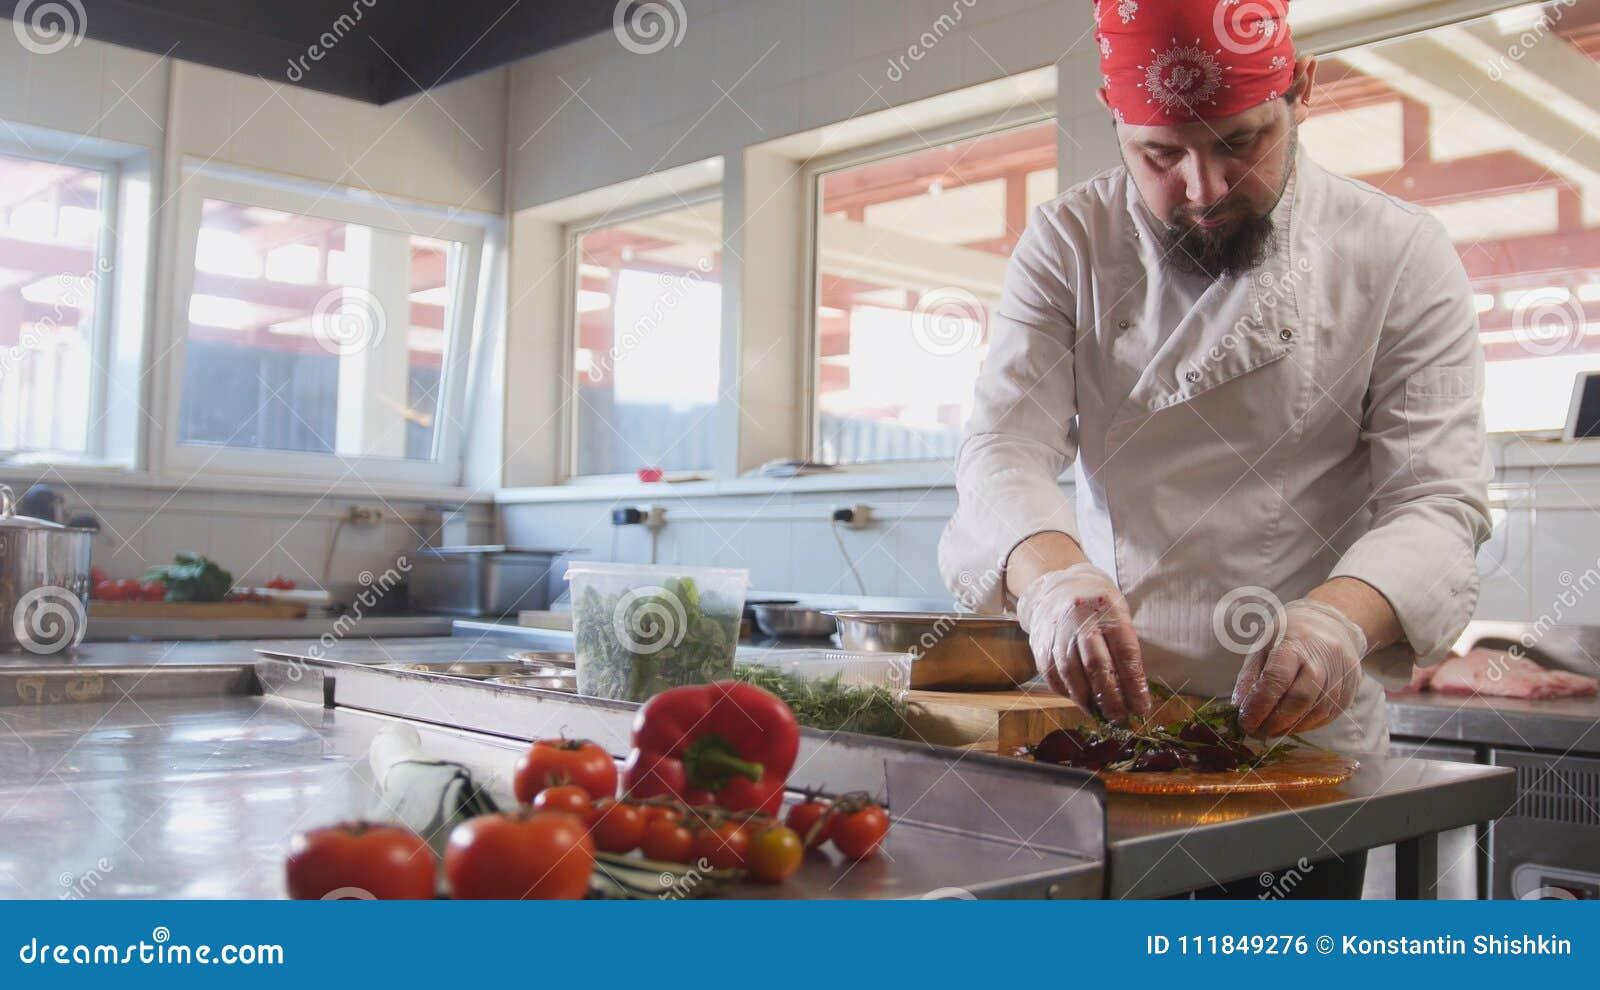 Ο αρχιμάγειρας εξυπηρετεί τη σαλάτα με την τοποθέτηση των συστατικών σε ένα πιάτο